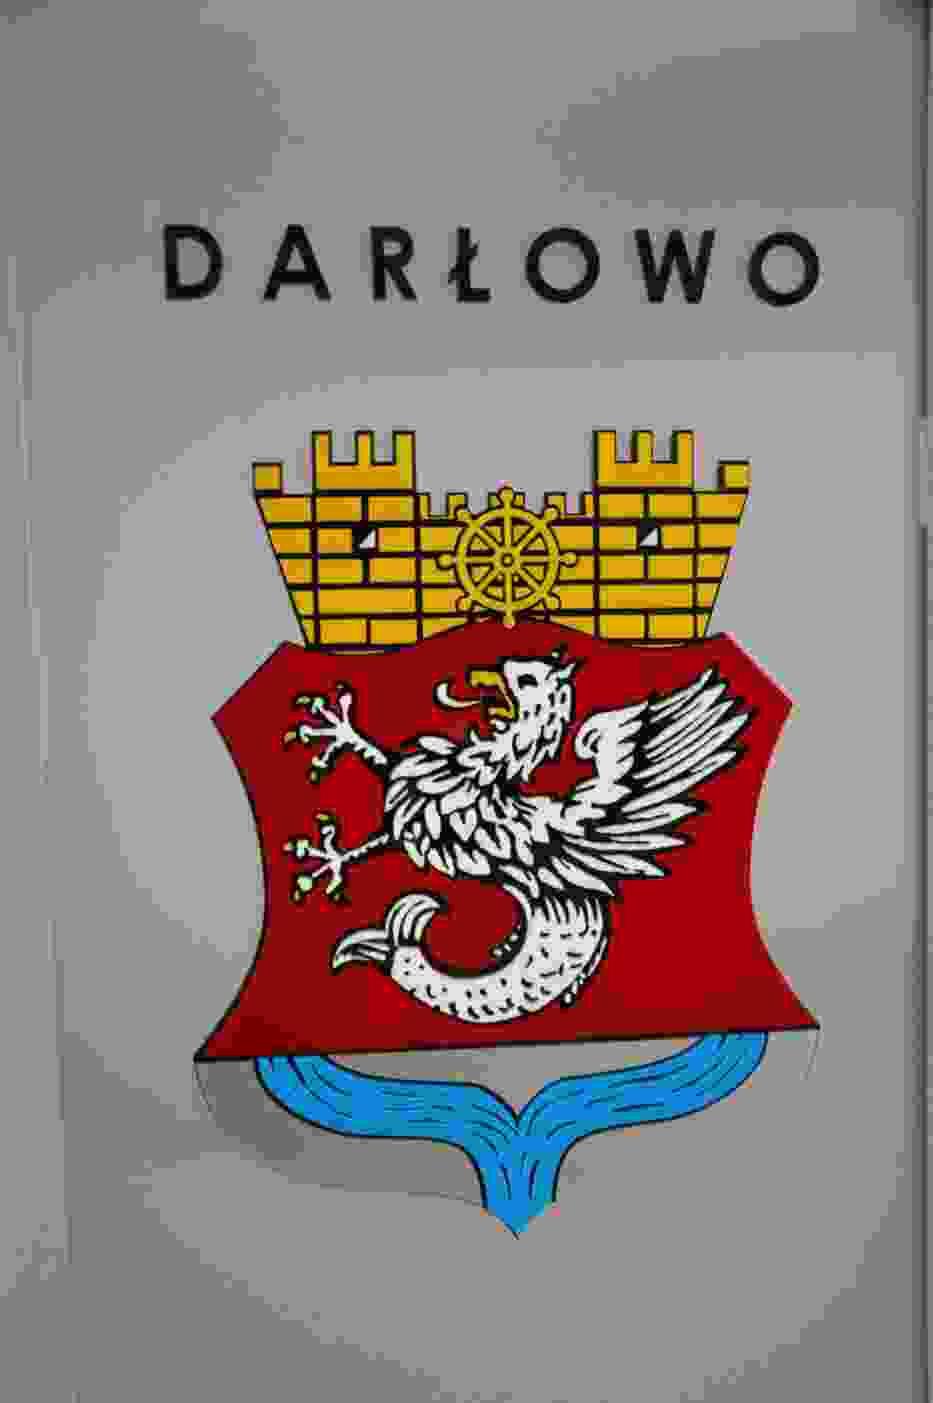 Darłowo